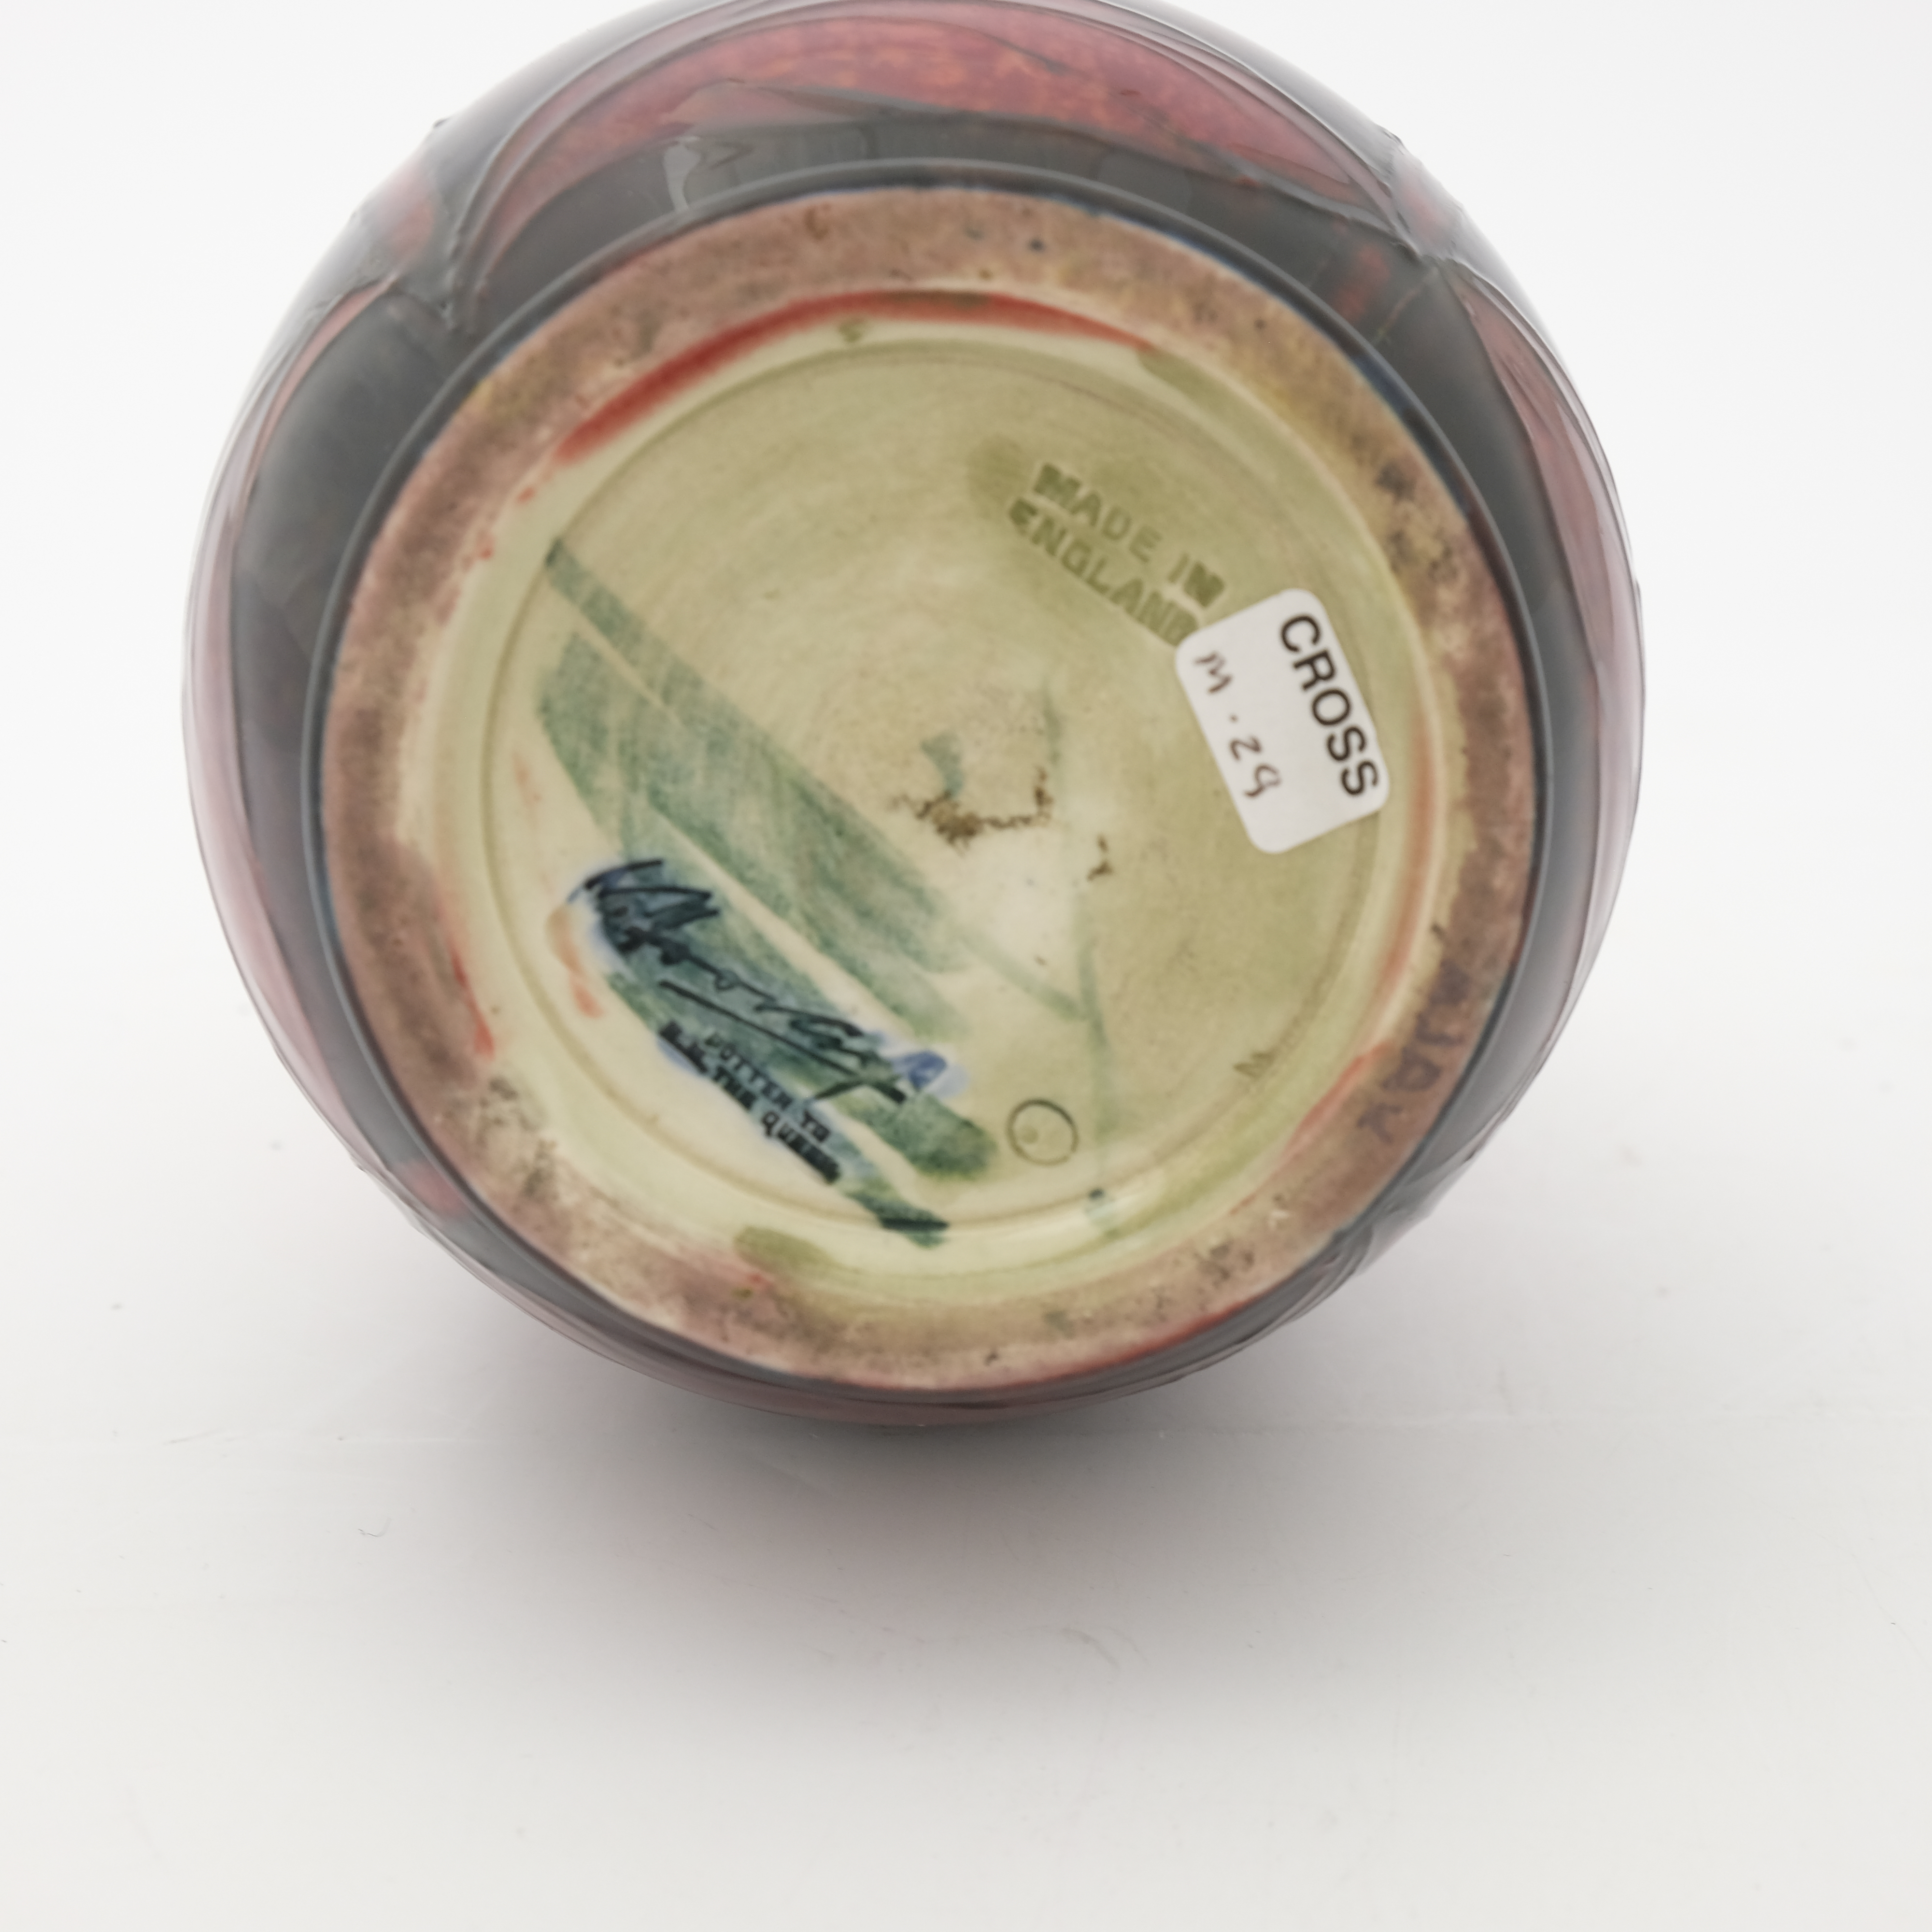 William Moorcroft, a Flambe Waratah vase - Image 5 of 5